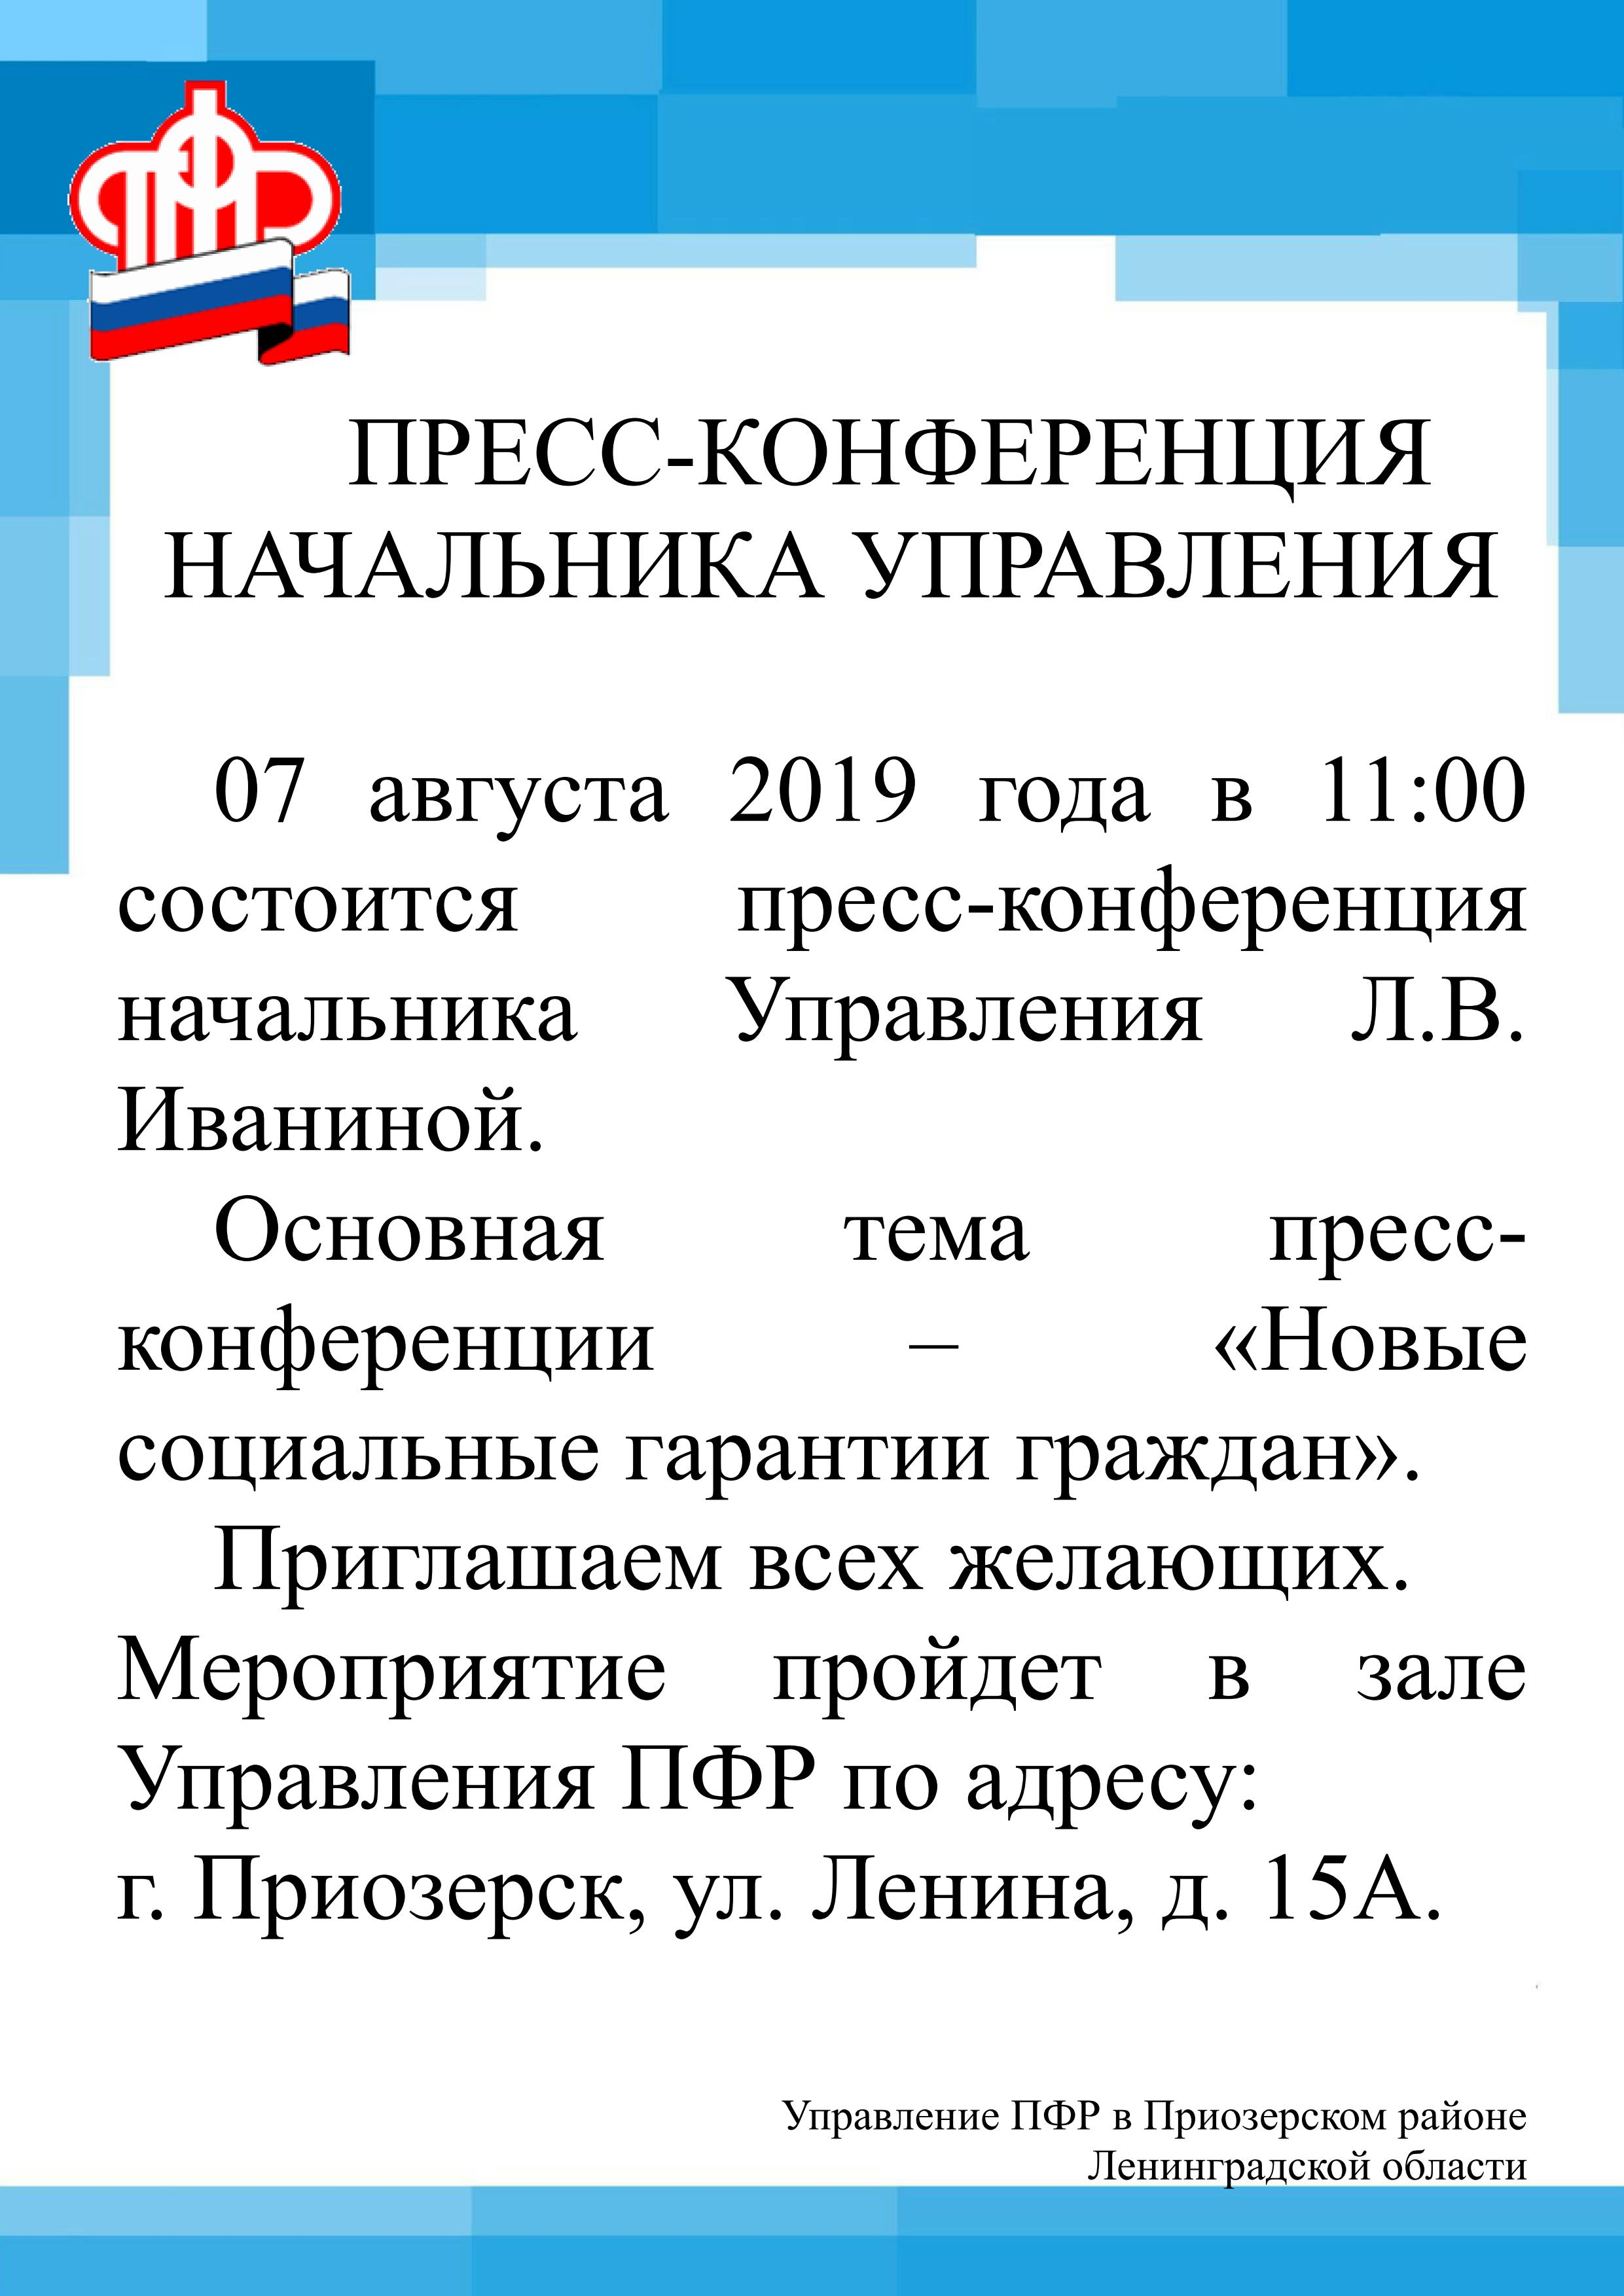 прес конференция НАЧАЛЬНИКА УПФР 07.08_01